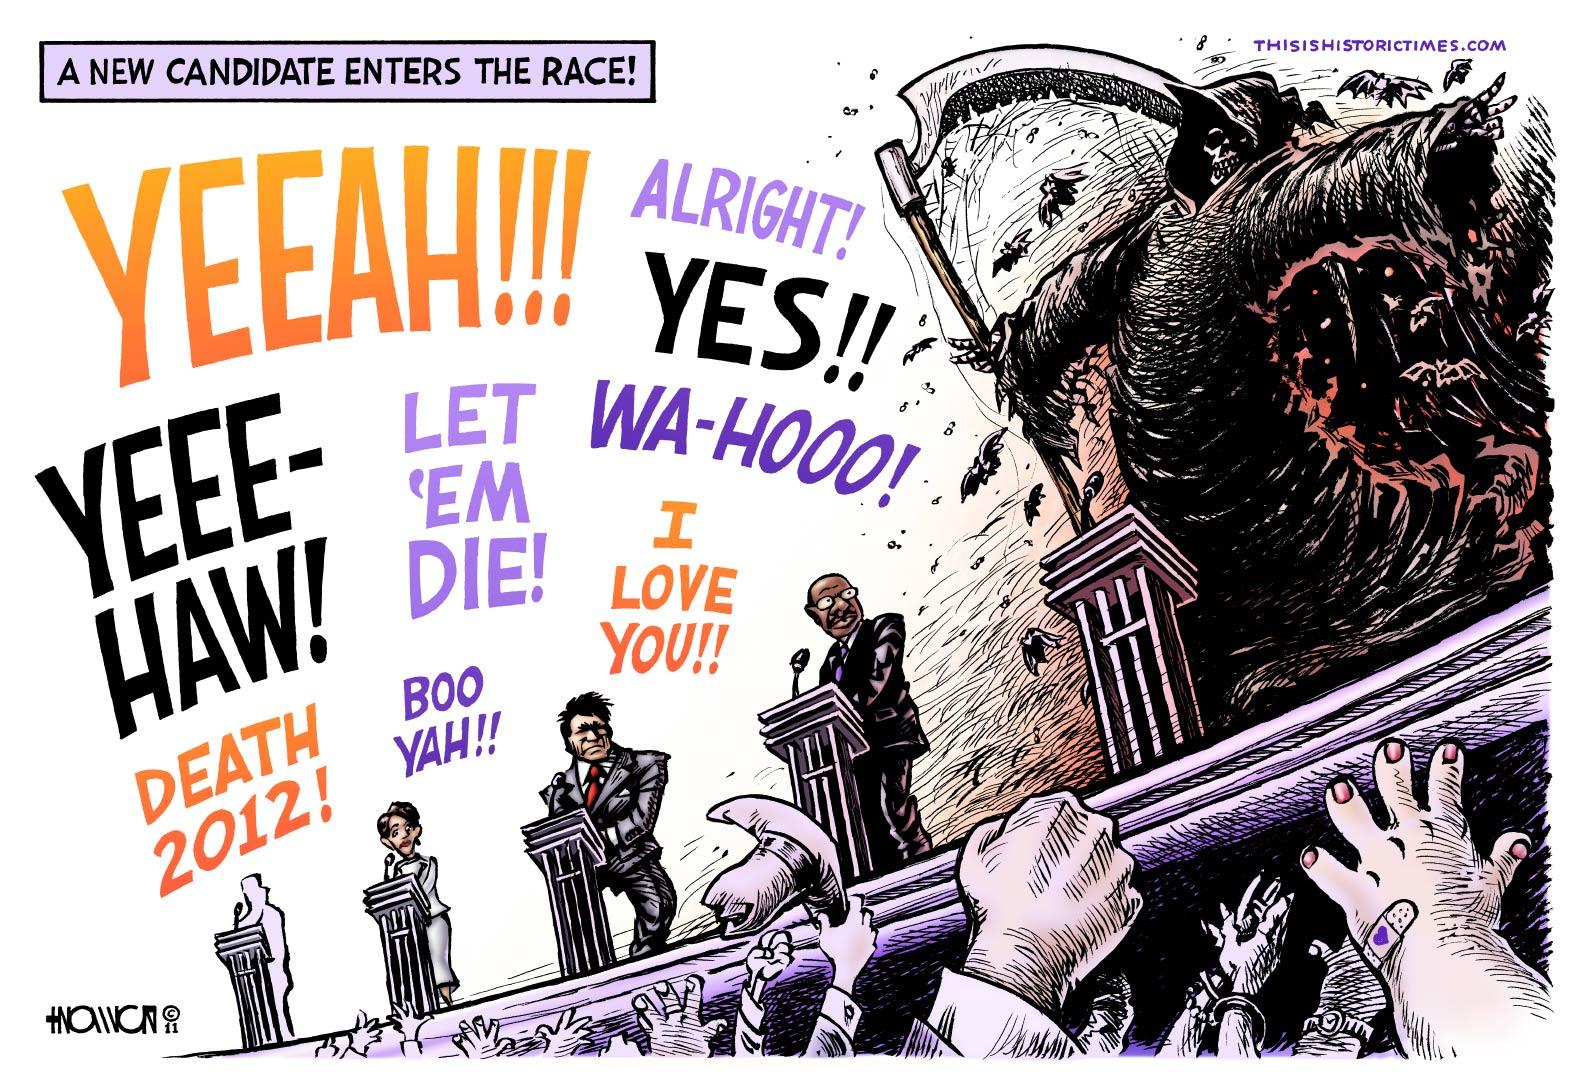 Death Race 2012